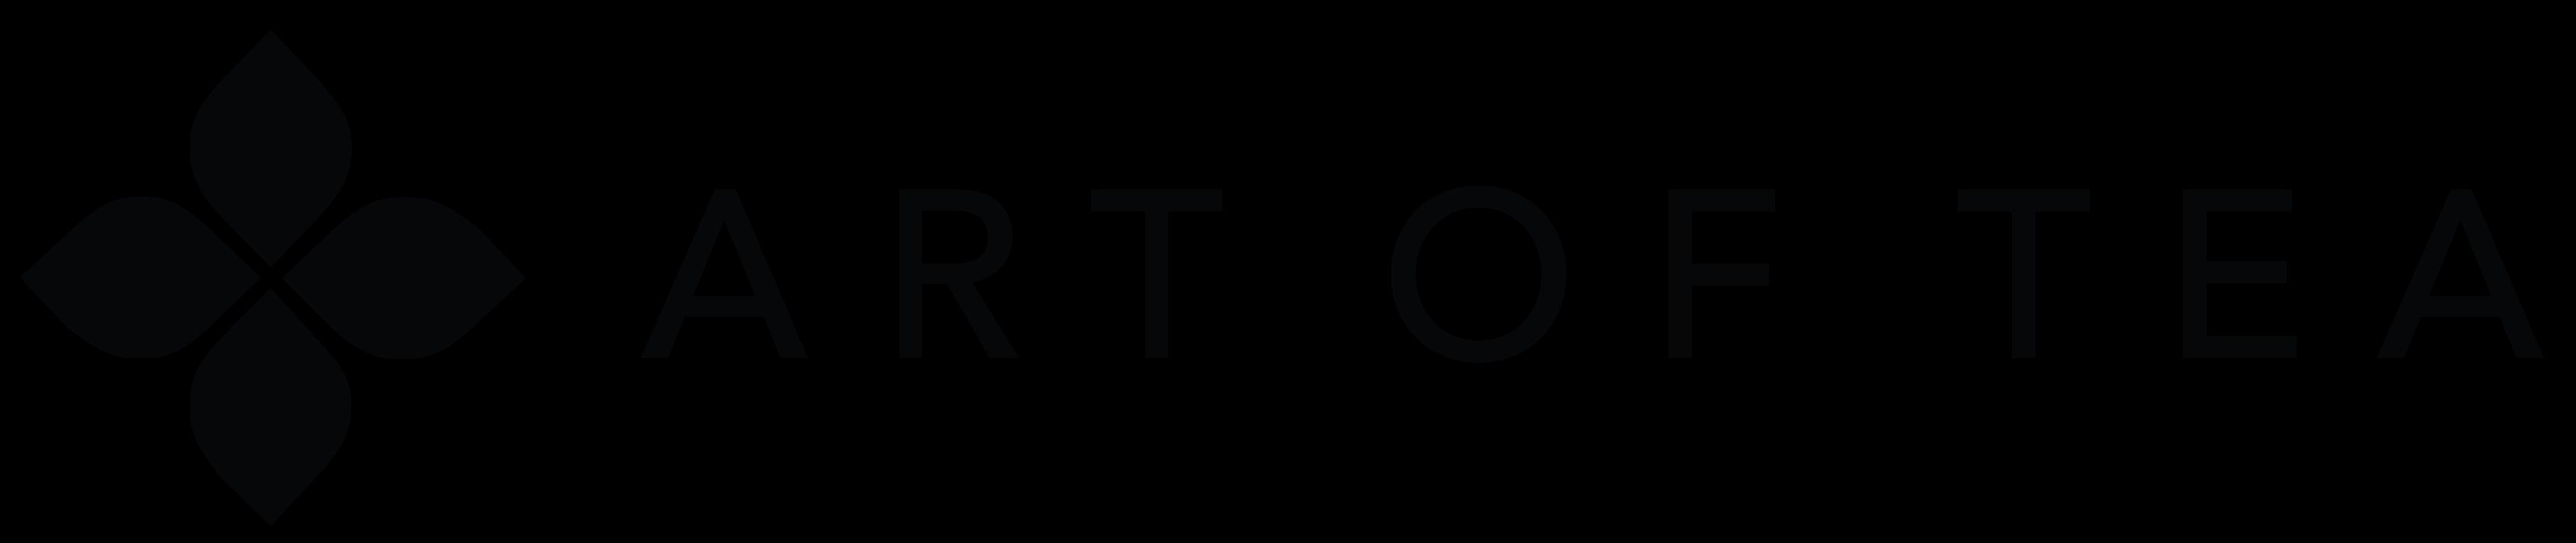 ArtOfTea_Logo.png